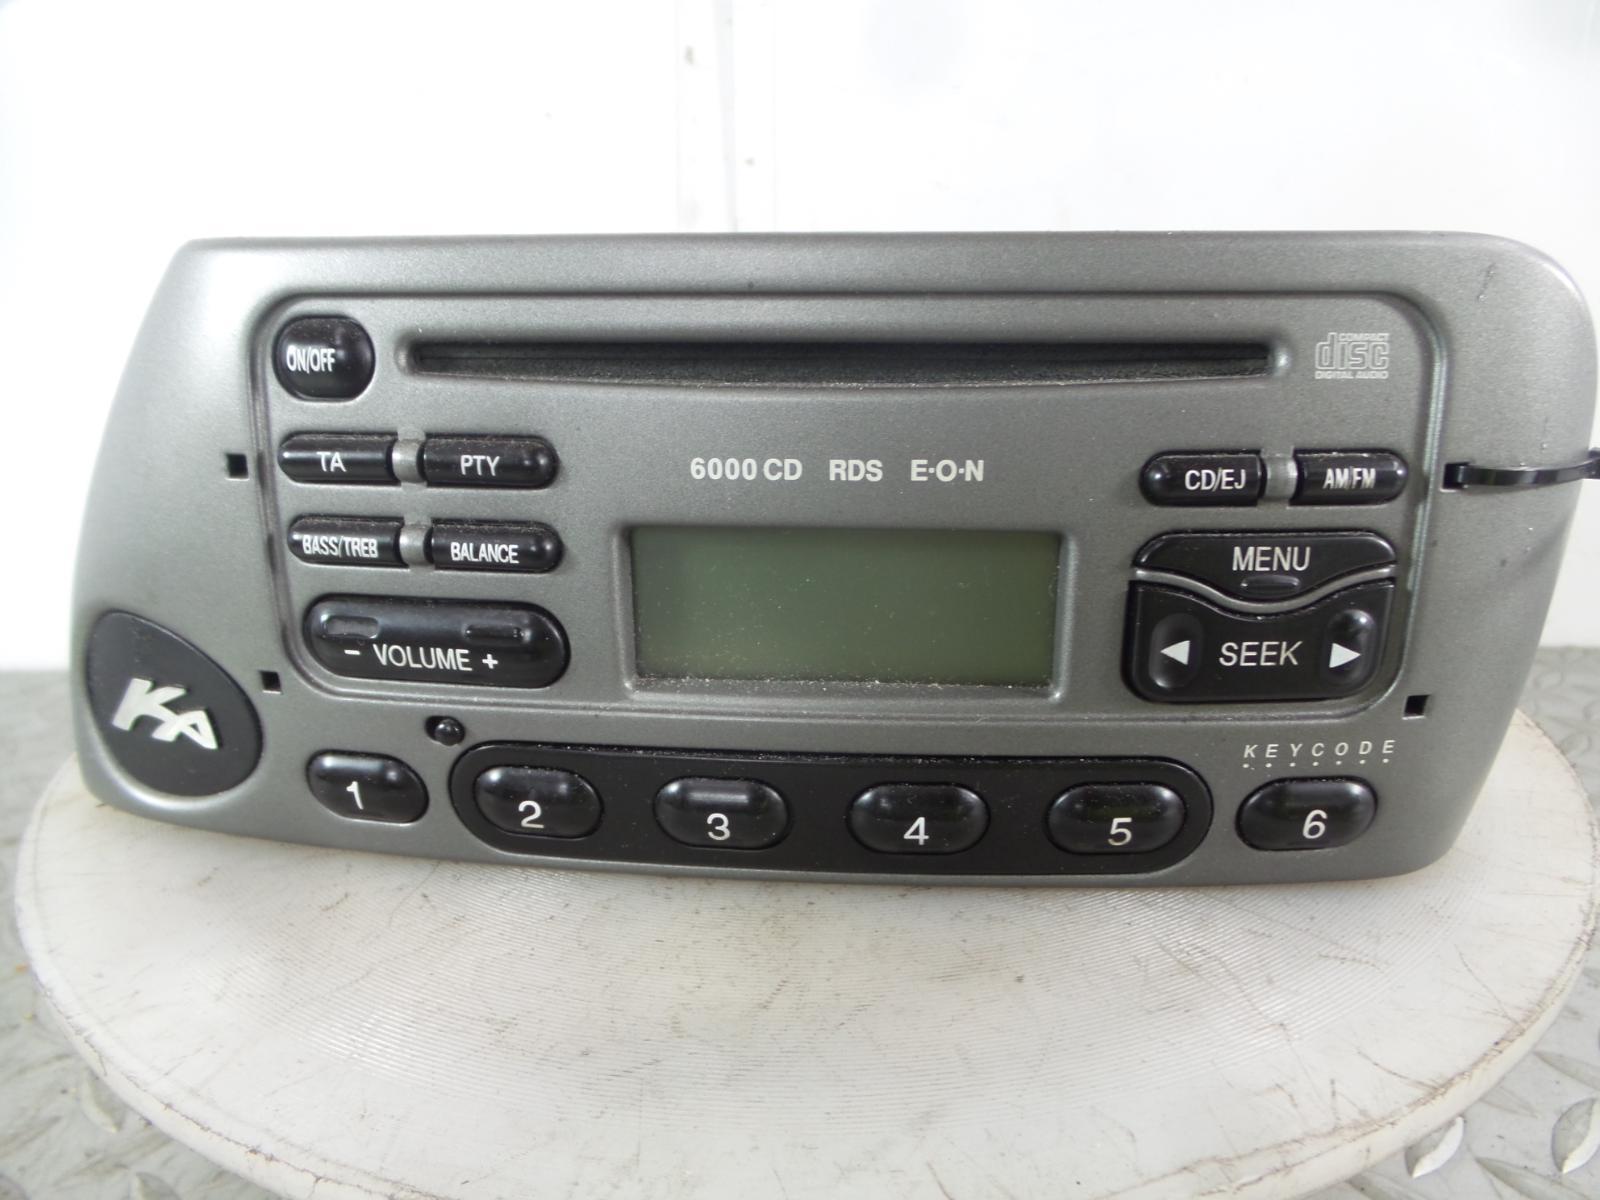 2004 ford ka mk1 96 08 silver cd player radio code 3s51 18c815 bd. Black Bedroom Furniture Sets. Home Design Ideas